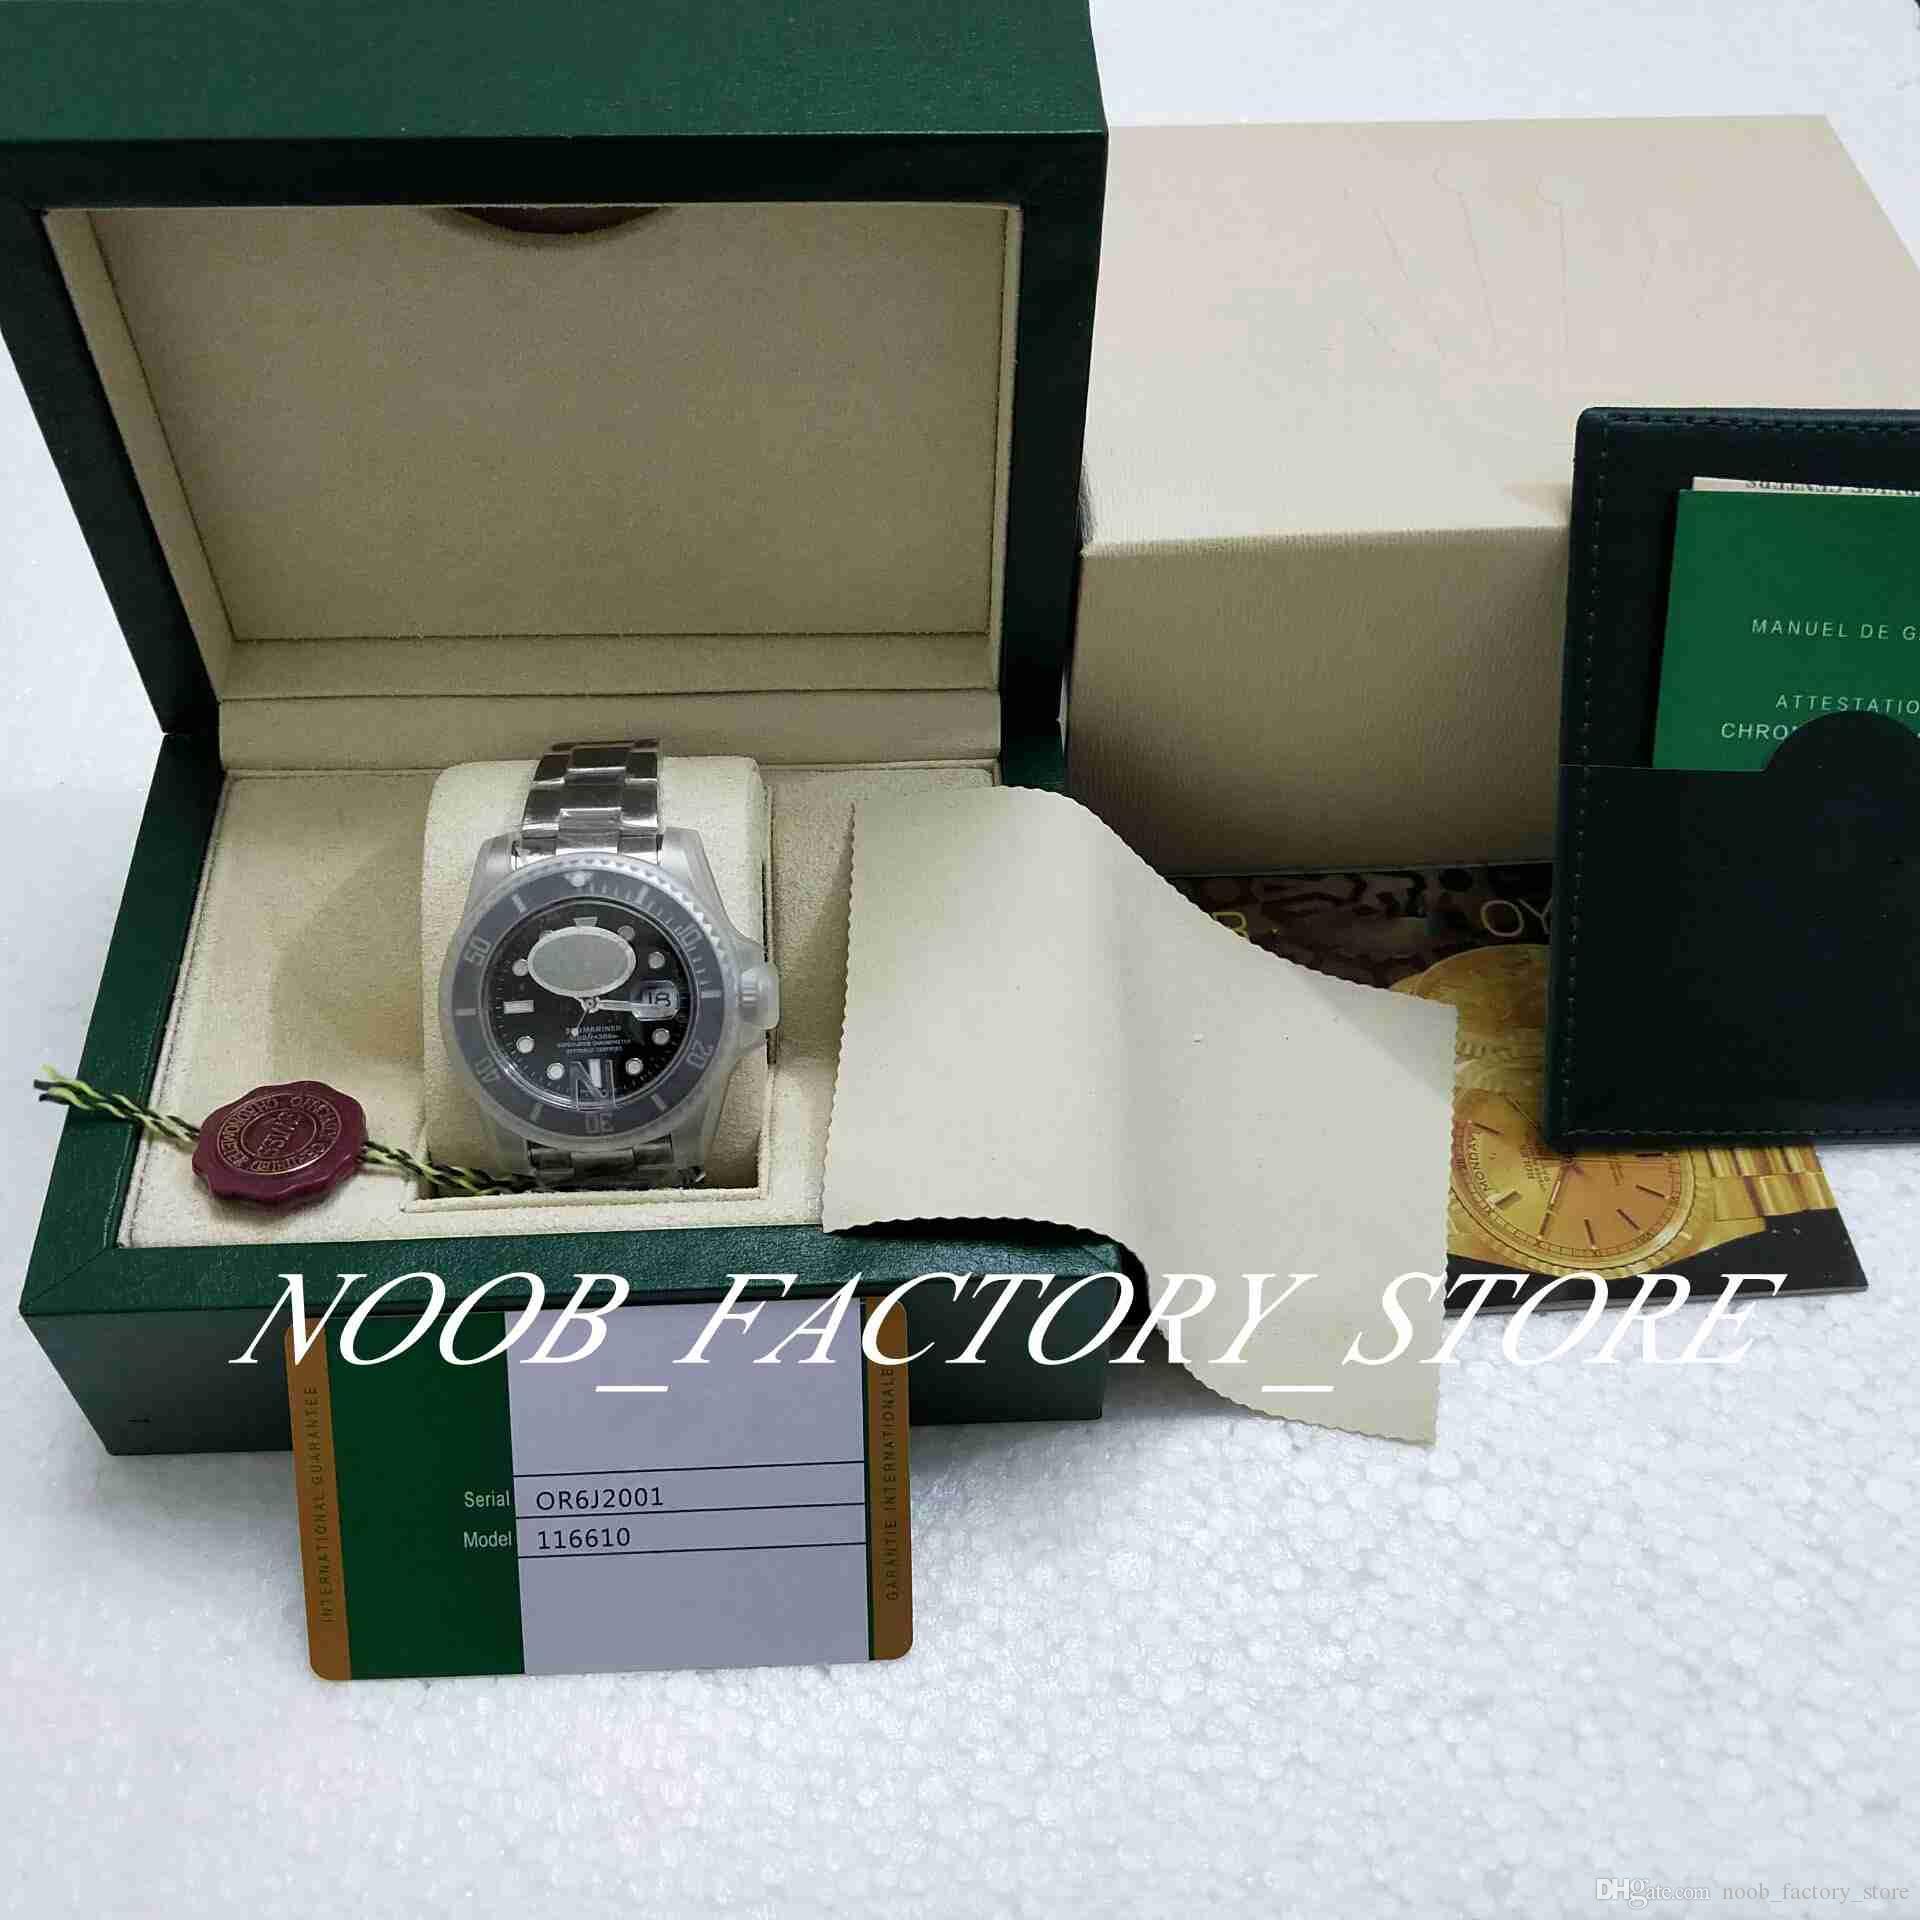 Meilleur n usine V5 Version 3 Style 2813 Montre Mouvement Black 40mm Bezel Céramique Bezel Saphir Diving Men Watch Watchs New Style Boîte